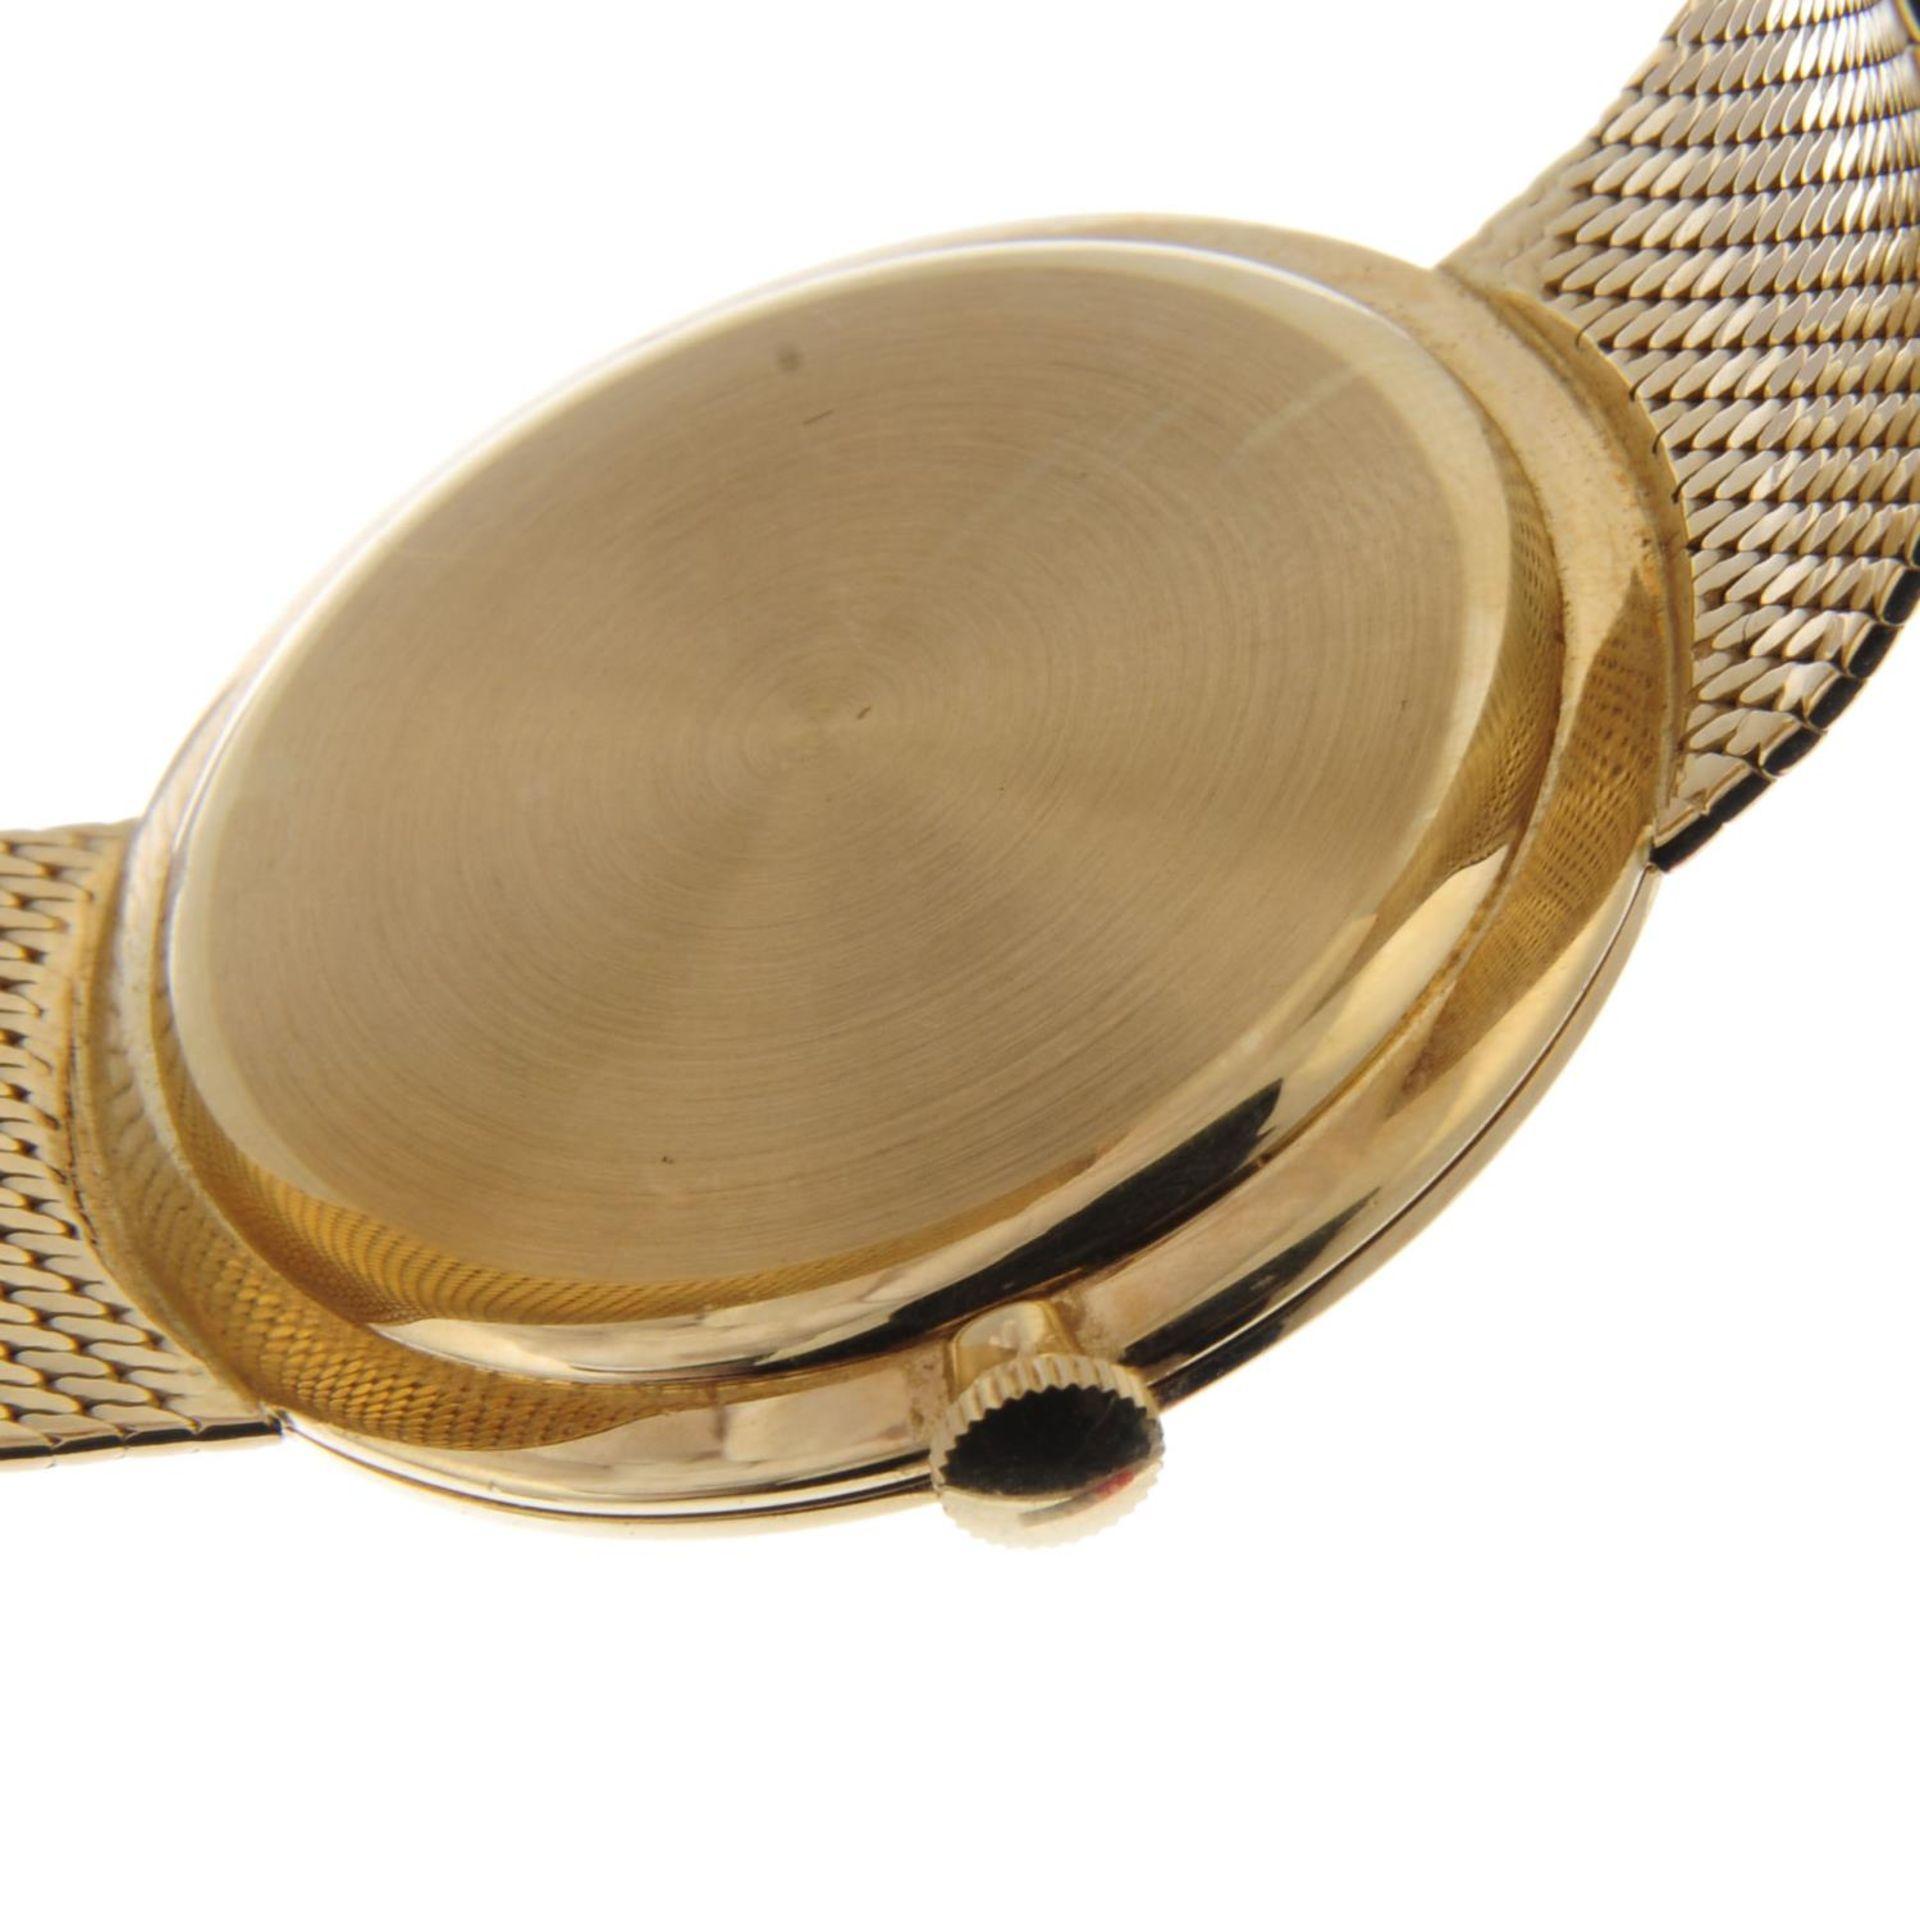 Los 35 - IWC - a gentleman's bracelet watch.